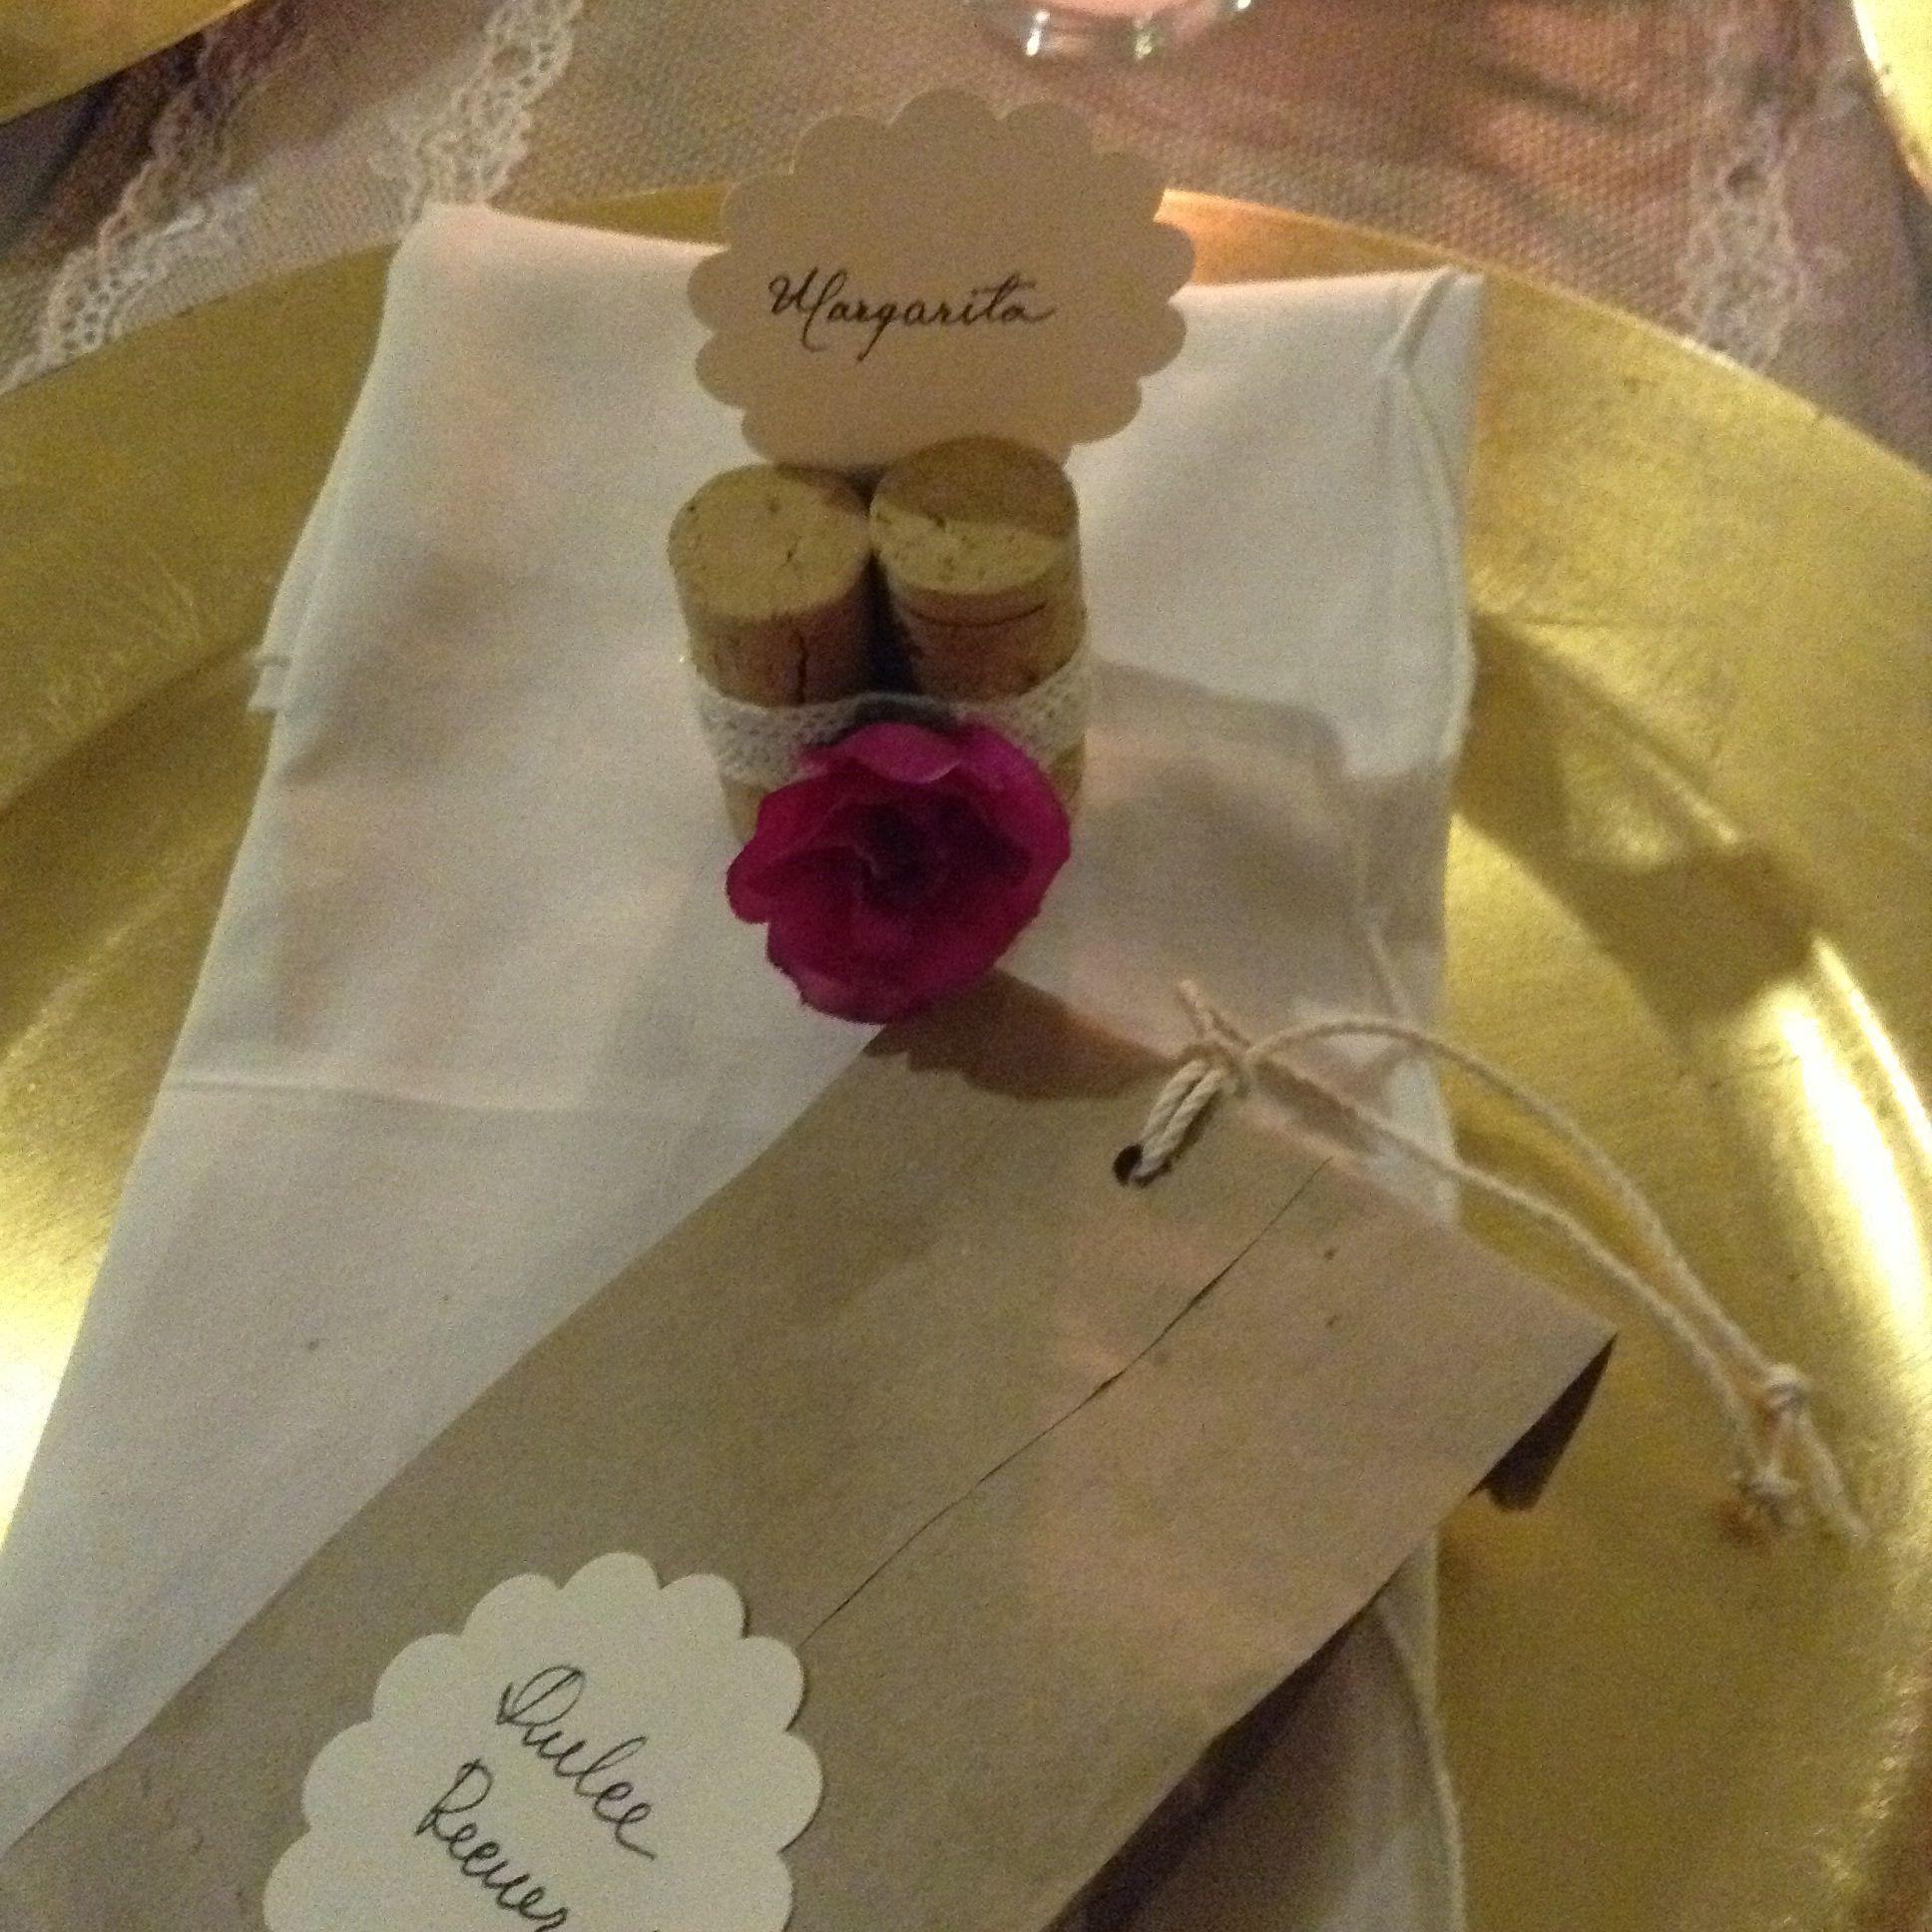 Marcación  de sitio con corchos atados con encajes, y bolsas en papel  con variedad de caramelos.